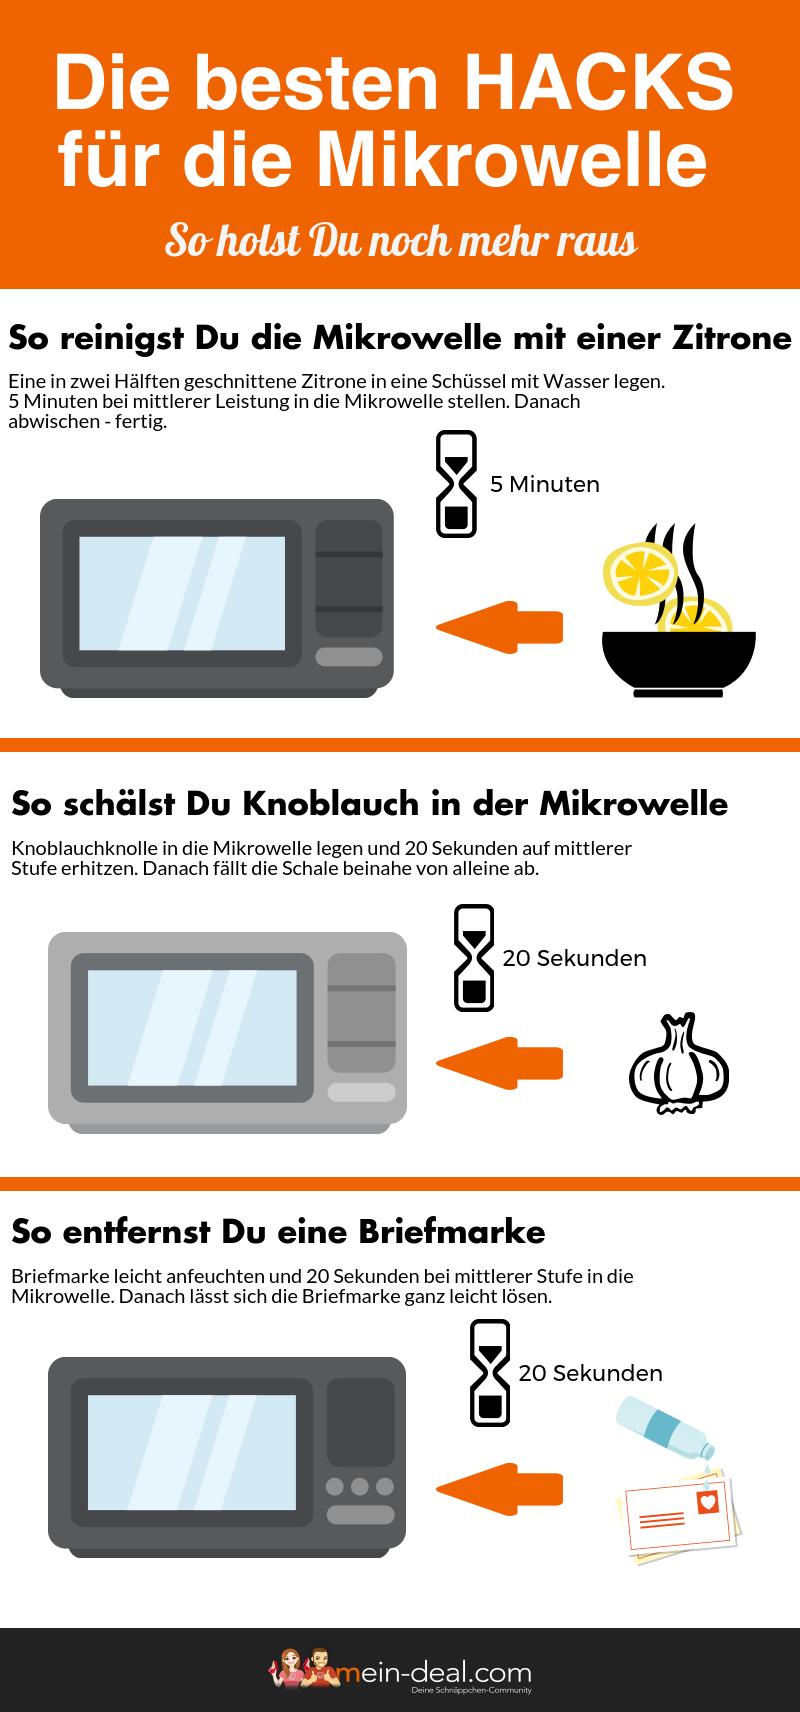 Mikrowelle kaufen: Das muss eine moderne Mikrowelle können